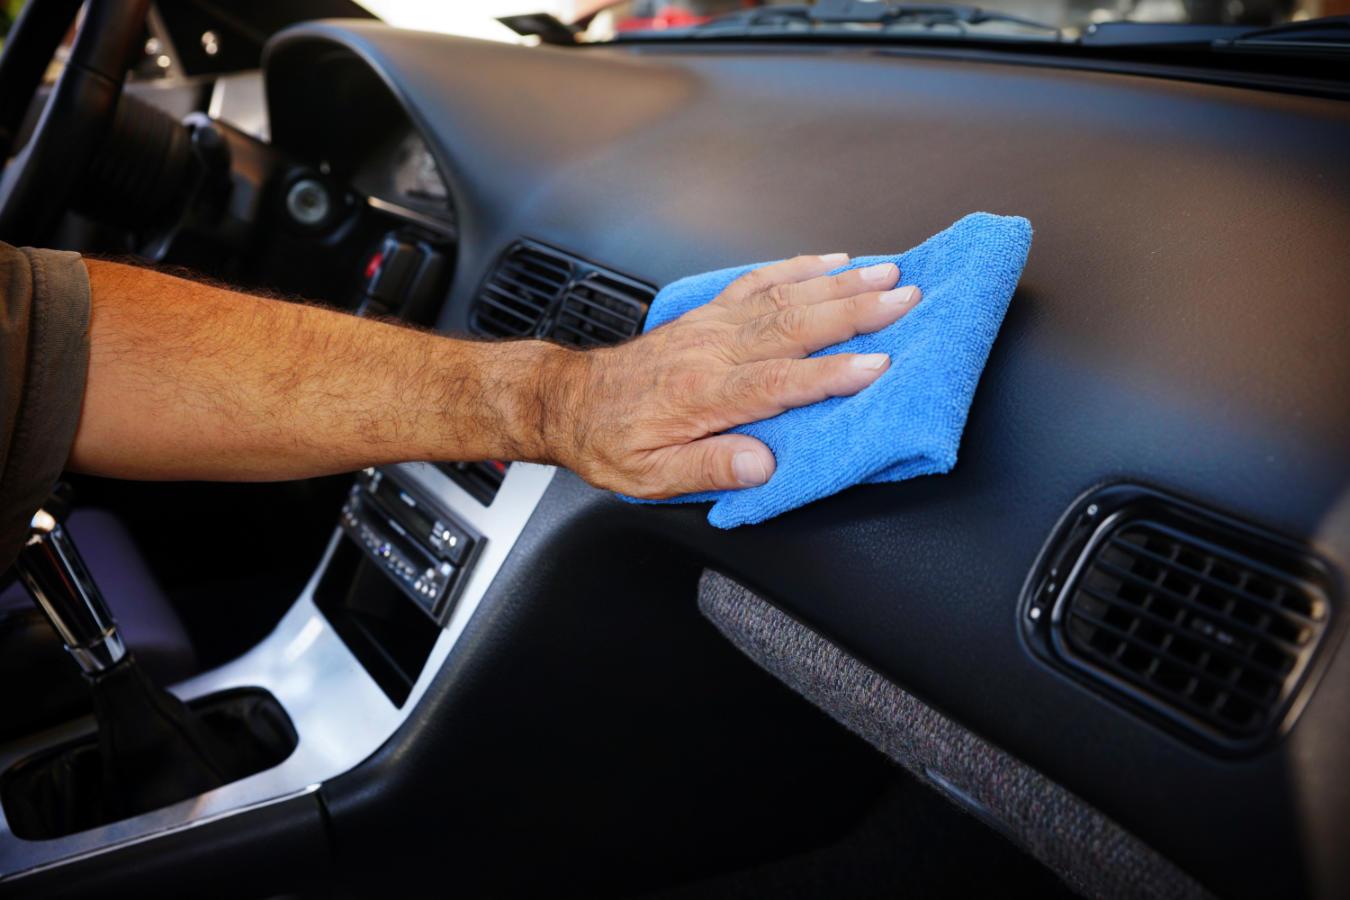 Dressing do plastików, czyli jak pielęgnować plastiki w samochodzie?